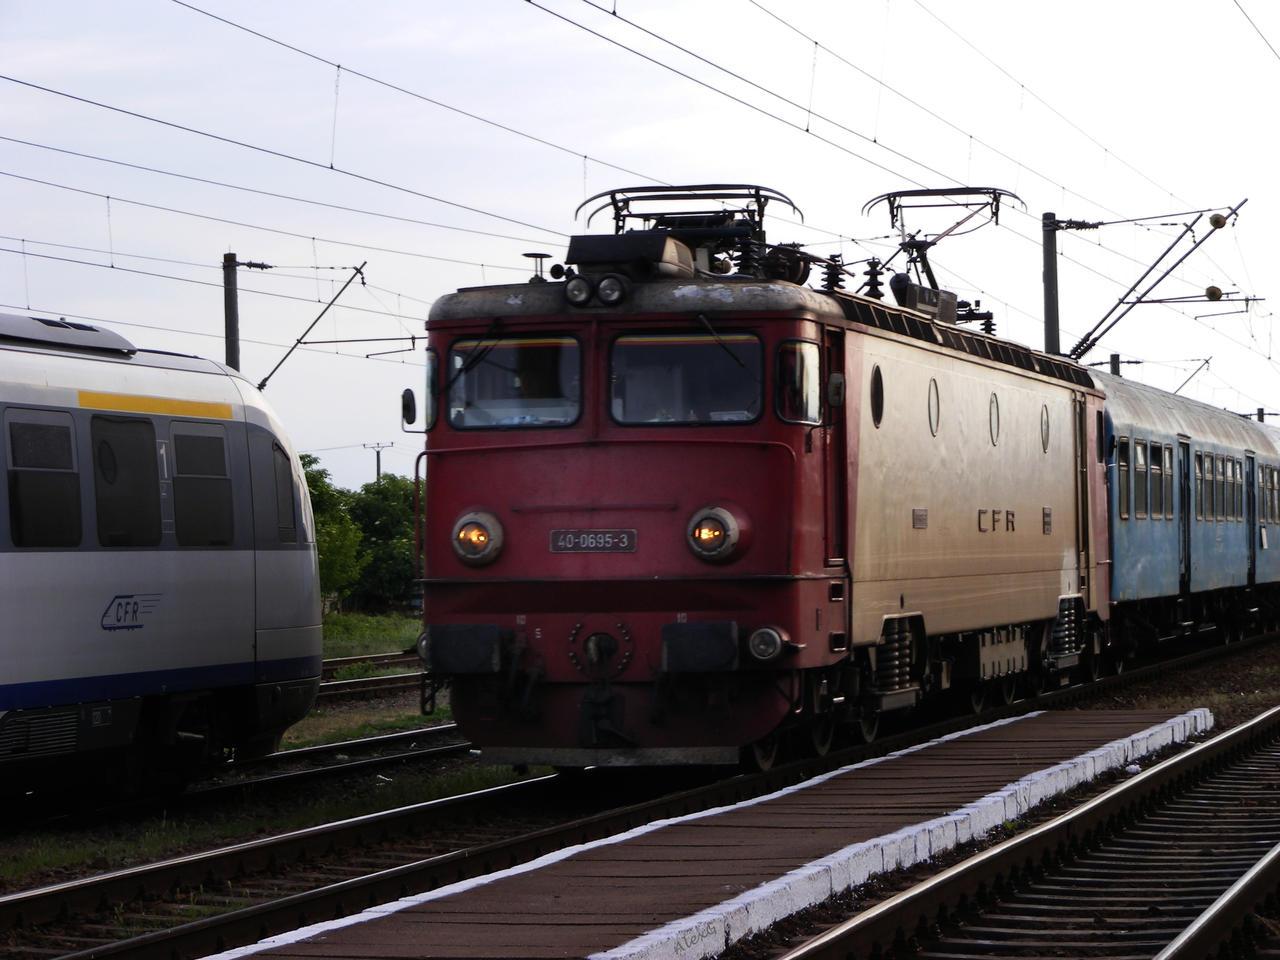 Regio 2032 by Sadguardian